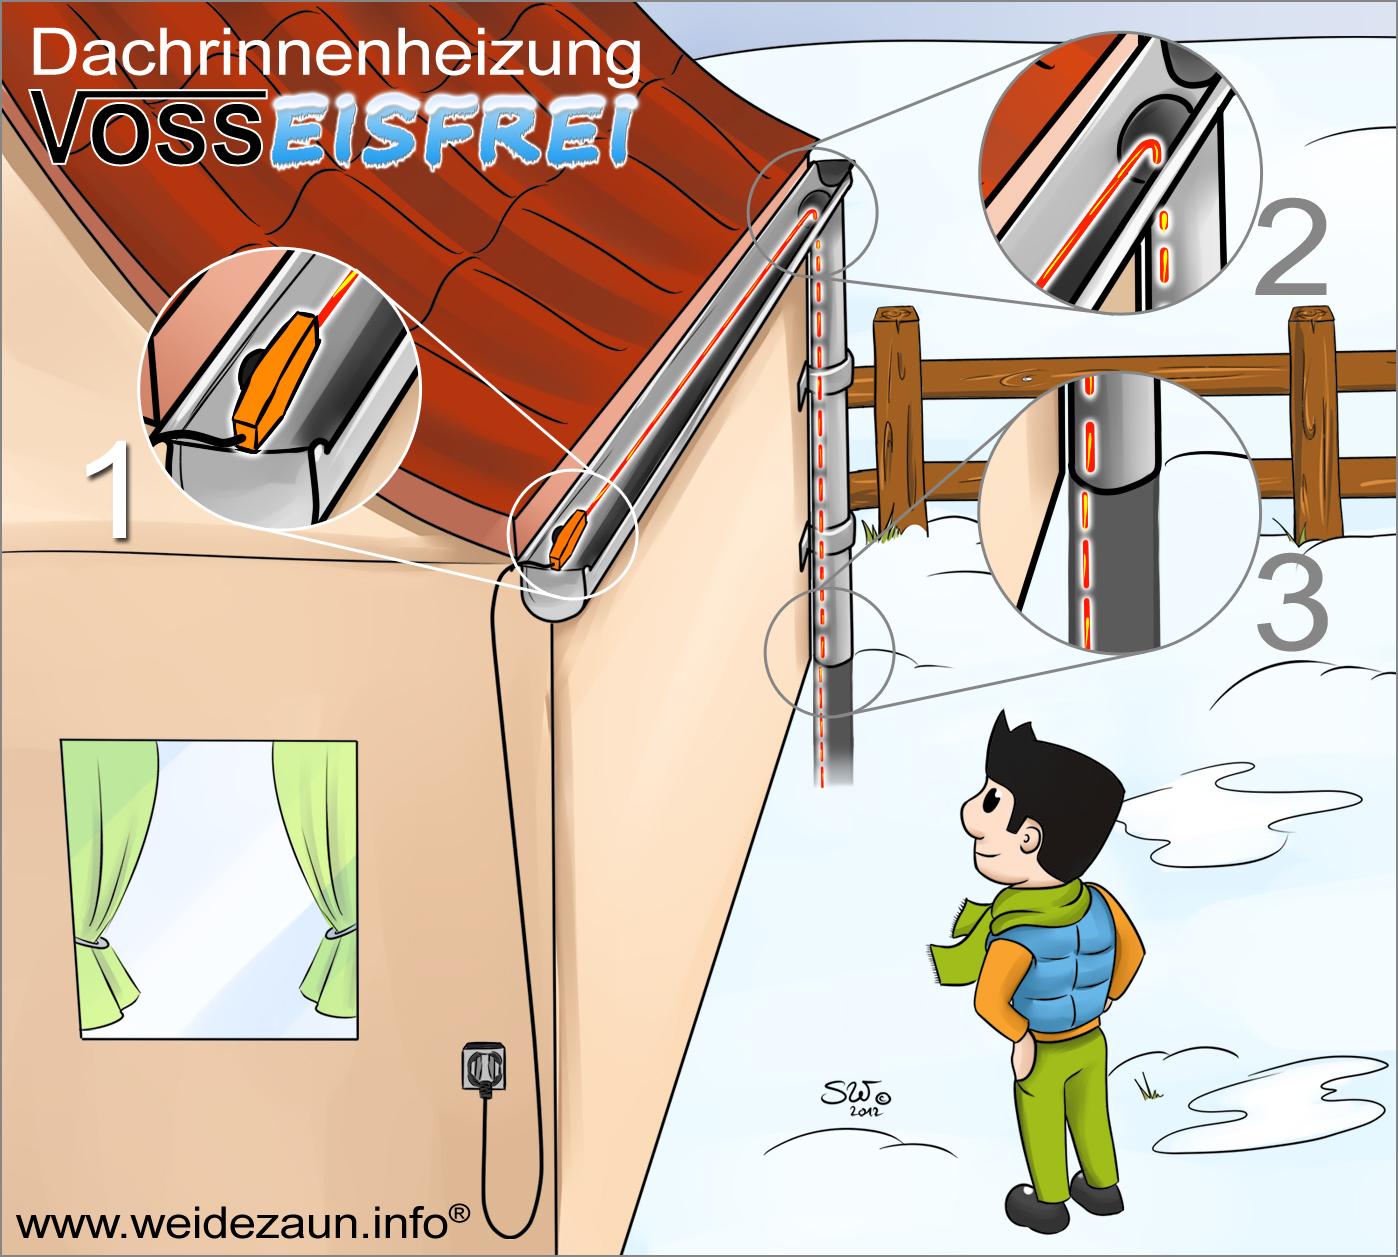 Voor gebruik als dakgoot verwarming